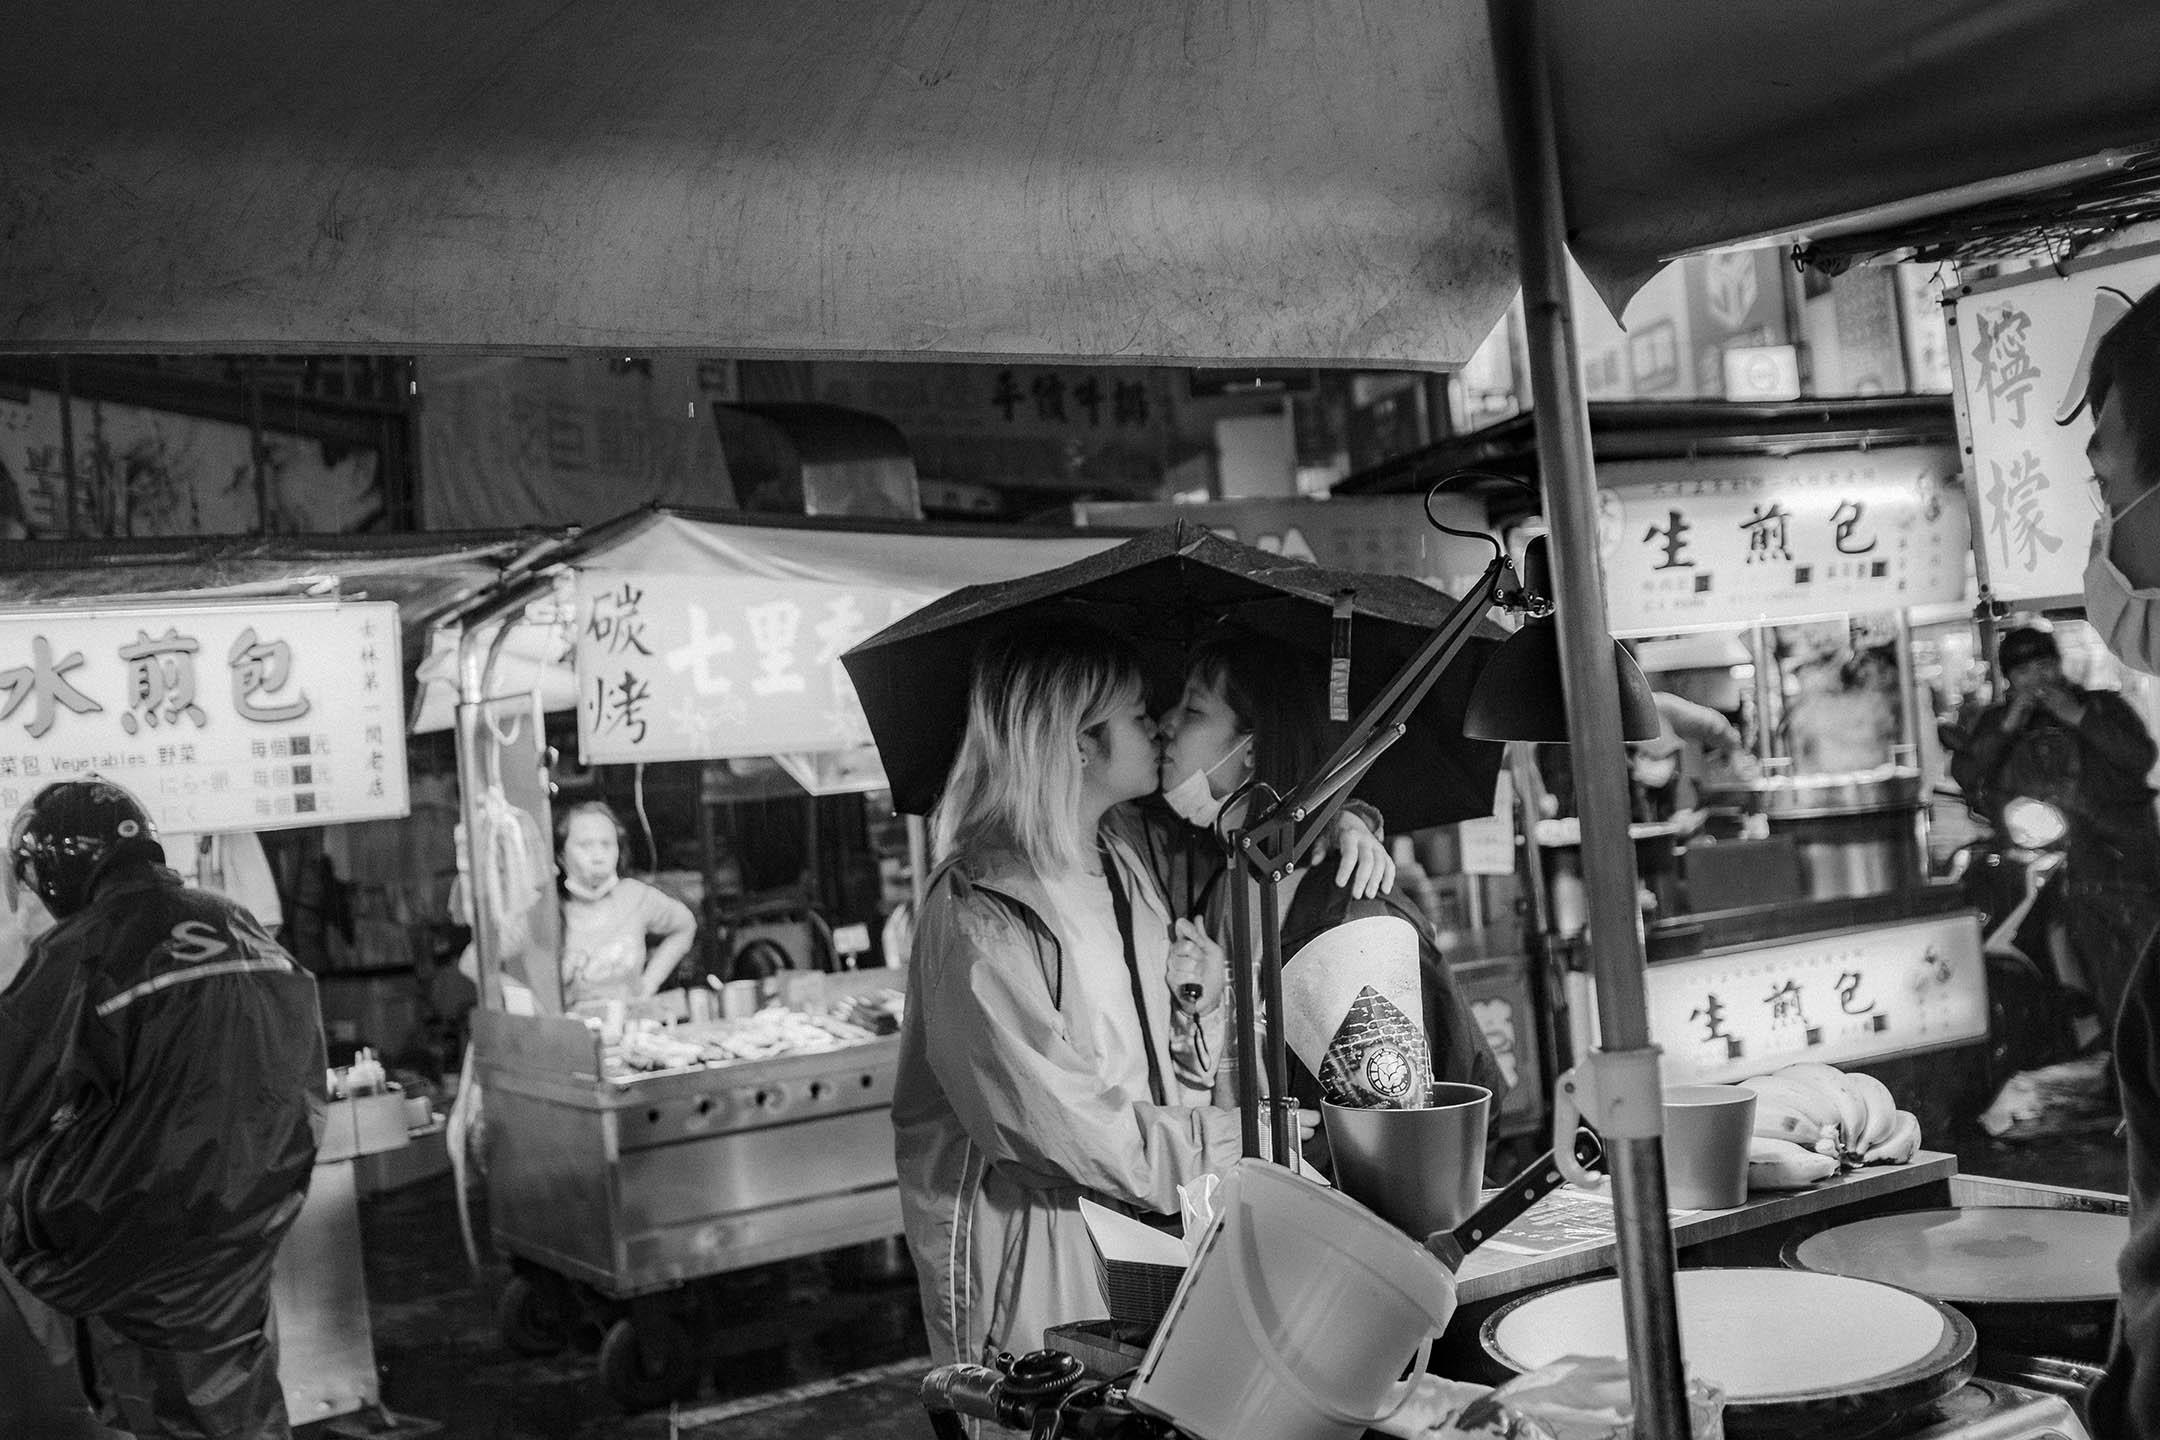 2020年4月11日士林夜市,一對戀人在夜市內買食物,為防疫安全,台灣自4月10日起著名觀光景點、國家公園、及夜市、寺廟等人潮密集的公共場地,實施人流管制措施。